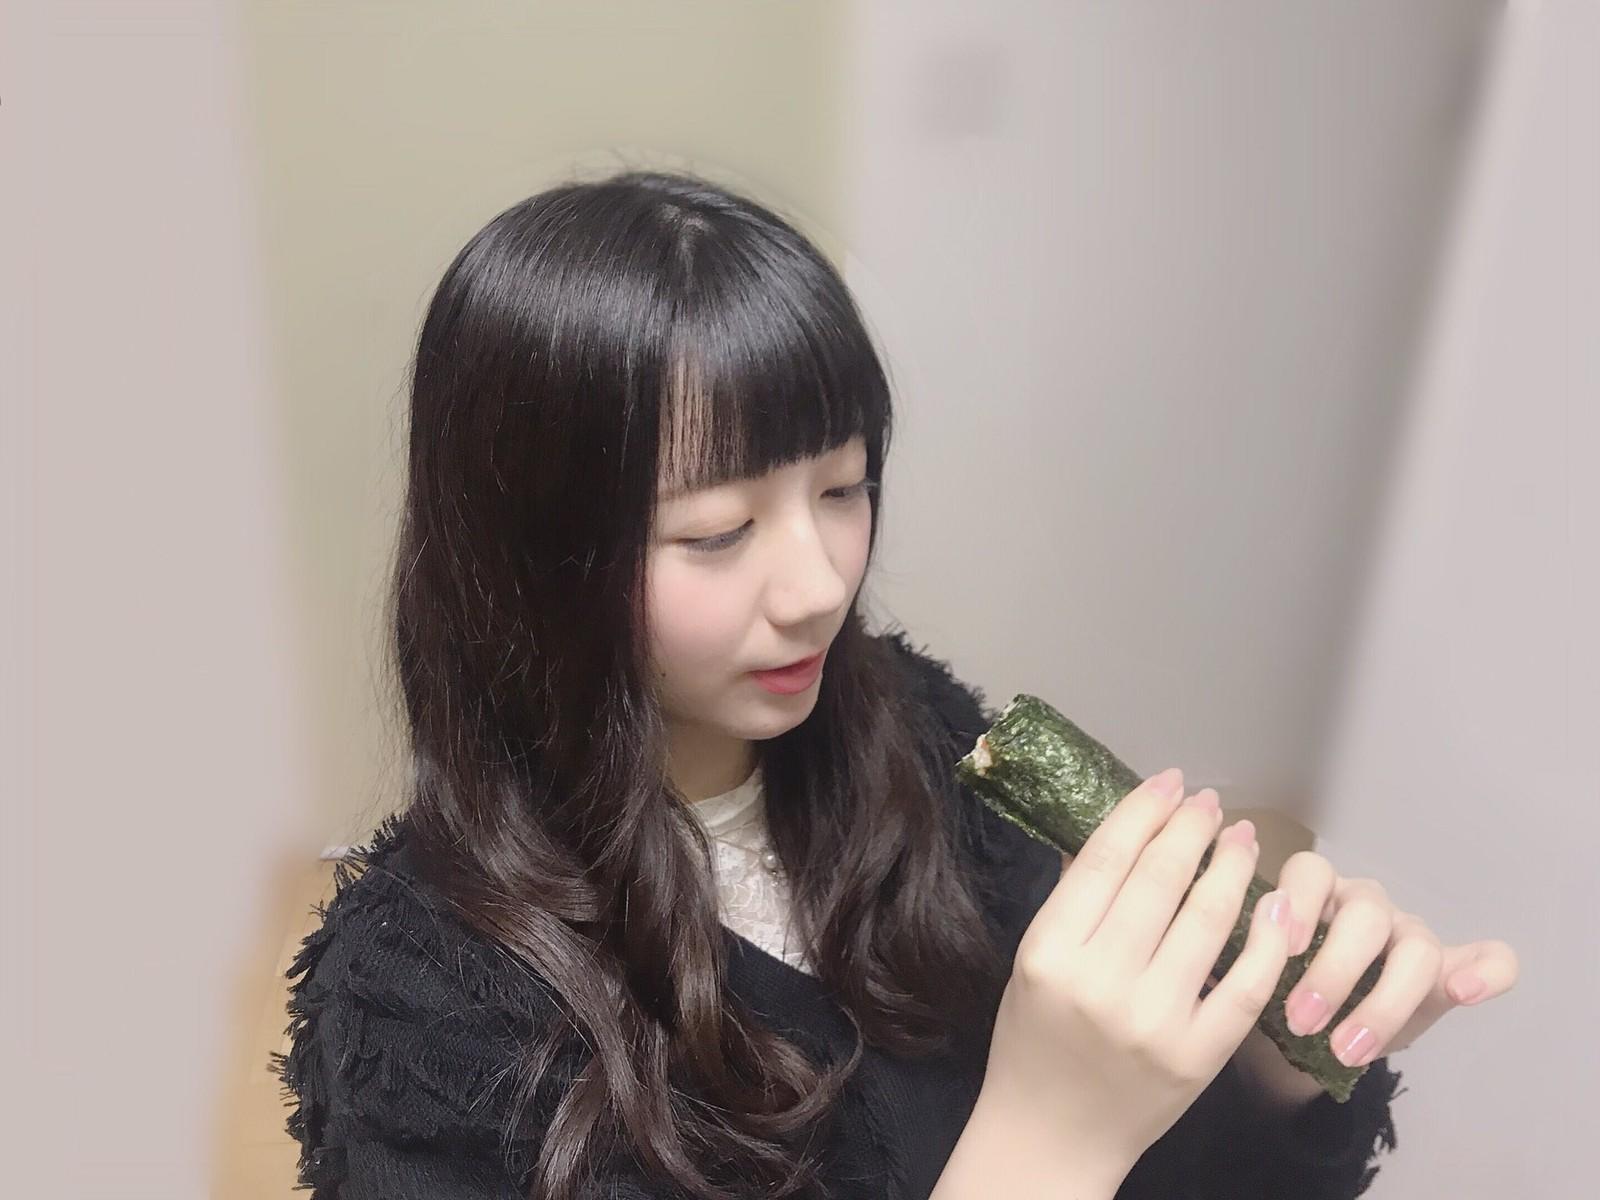 又长又黑的惠方卷 美女吃惠方卷的浮想联翩 6